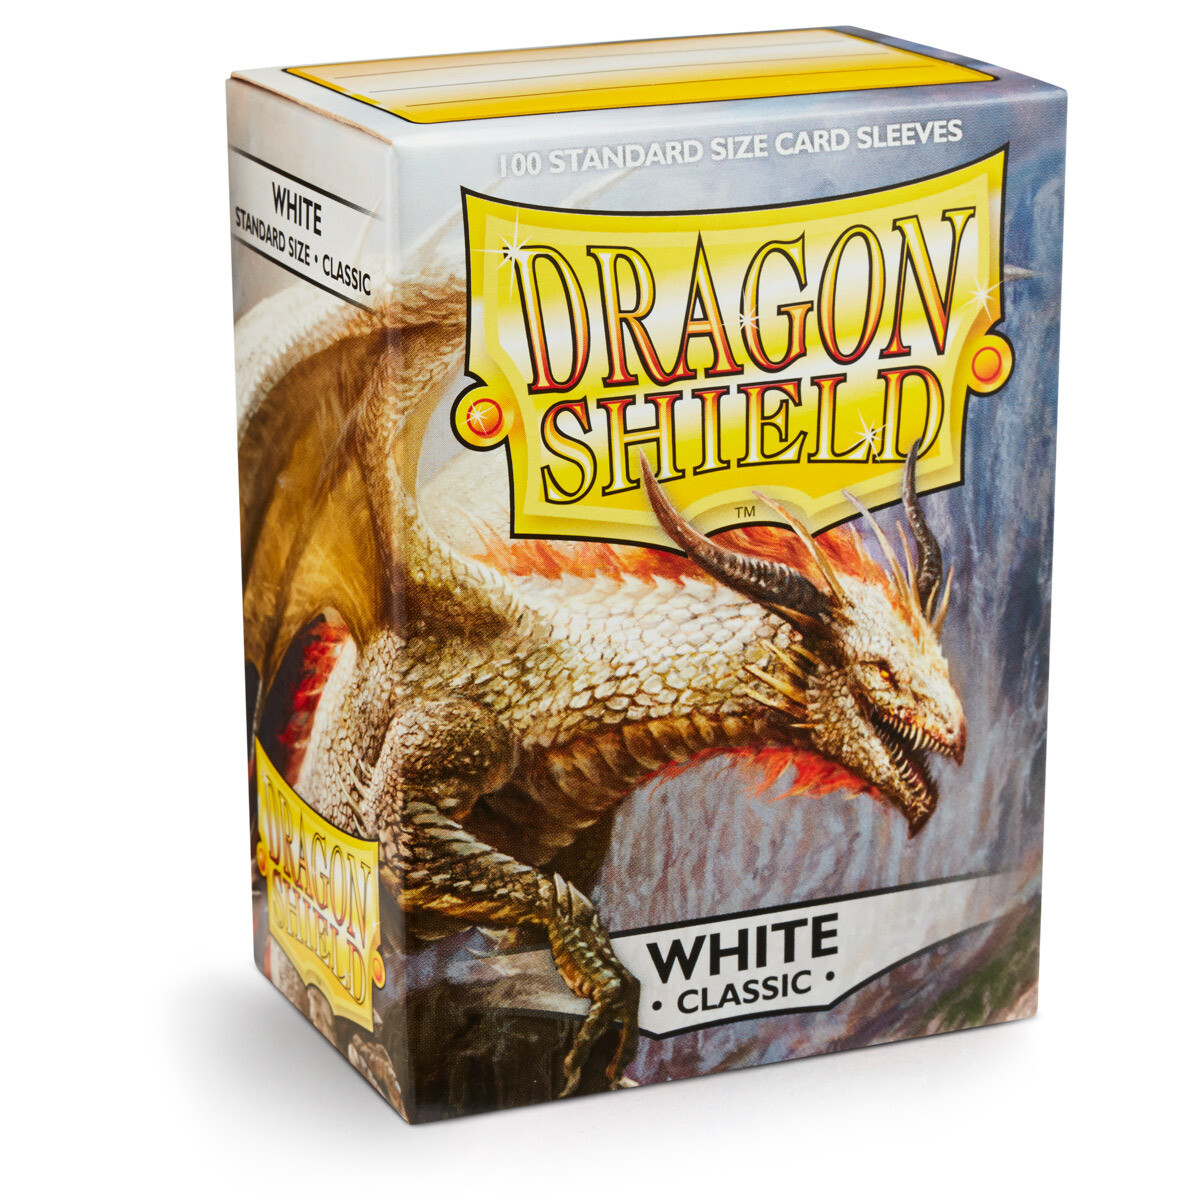 Dragon Shield 100 Sleeves - White